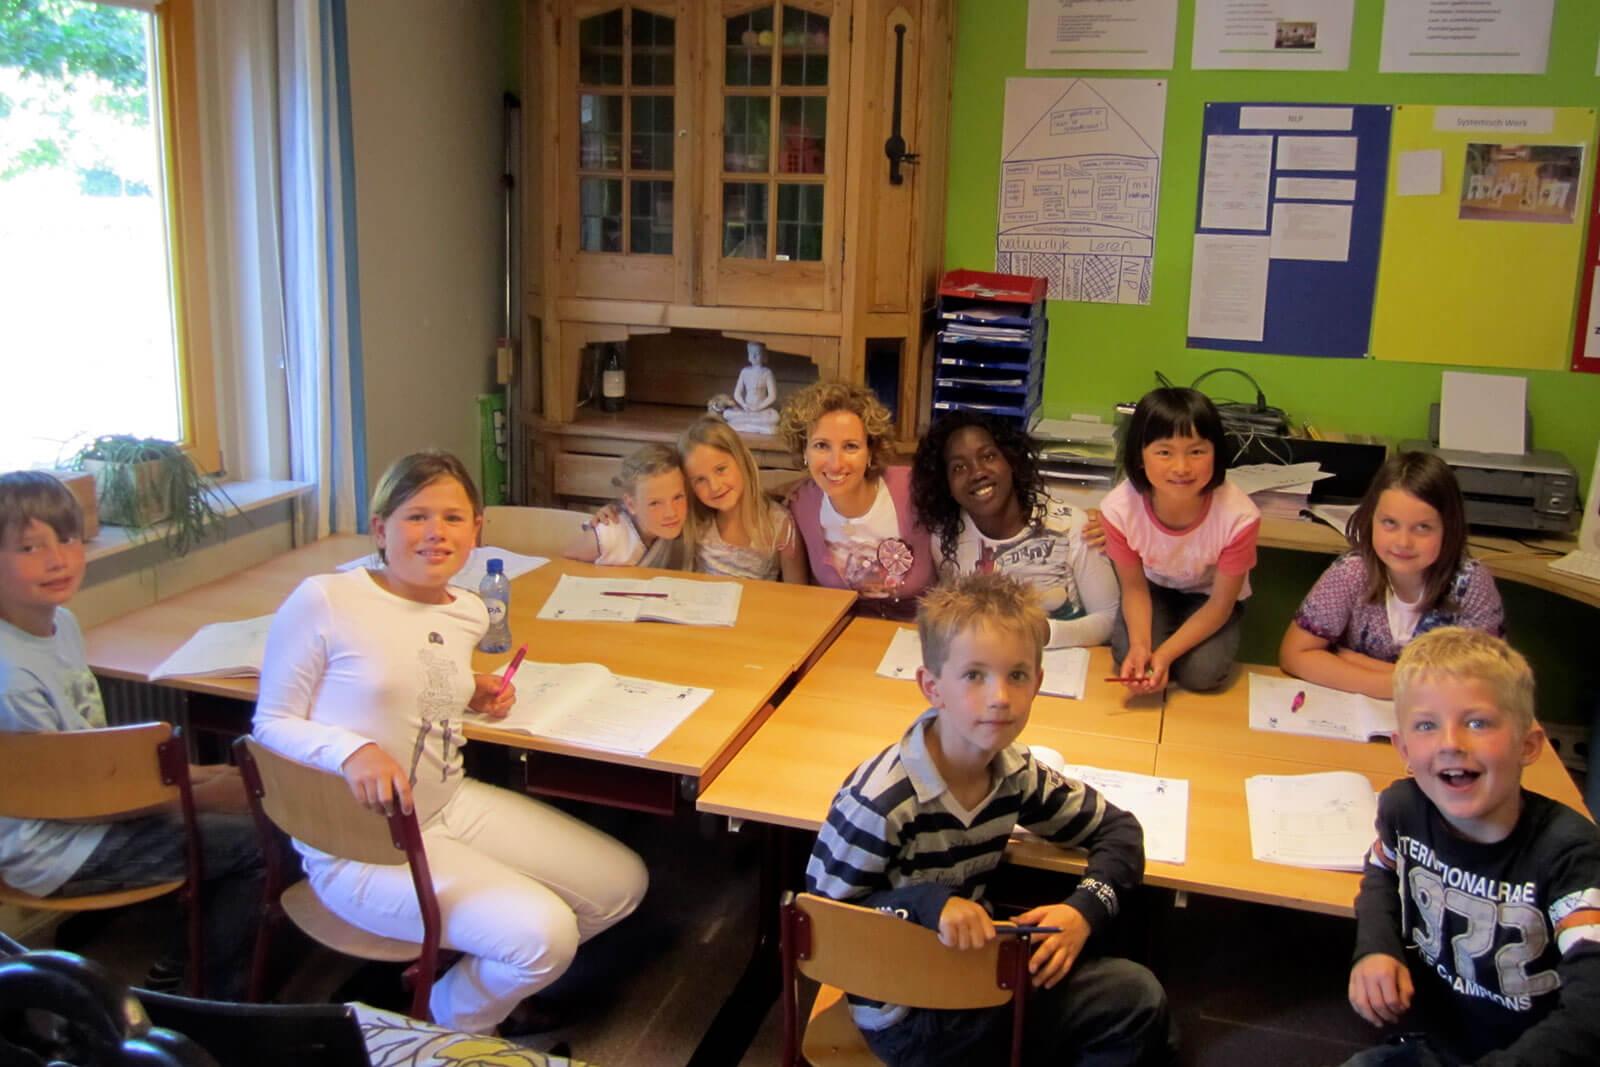 Rita Aleluia com crianças dentro de uma sala de aulas.